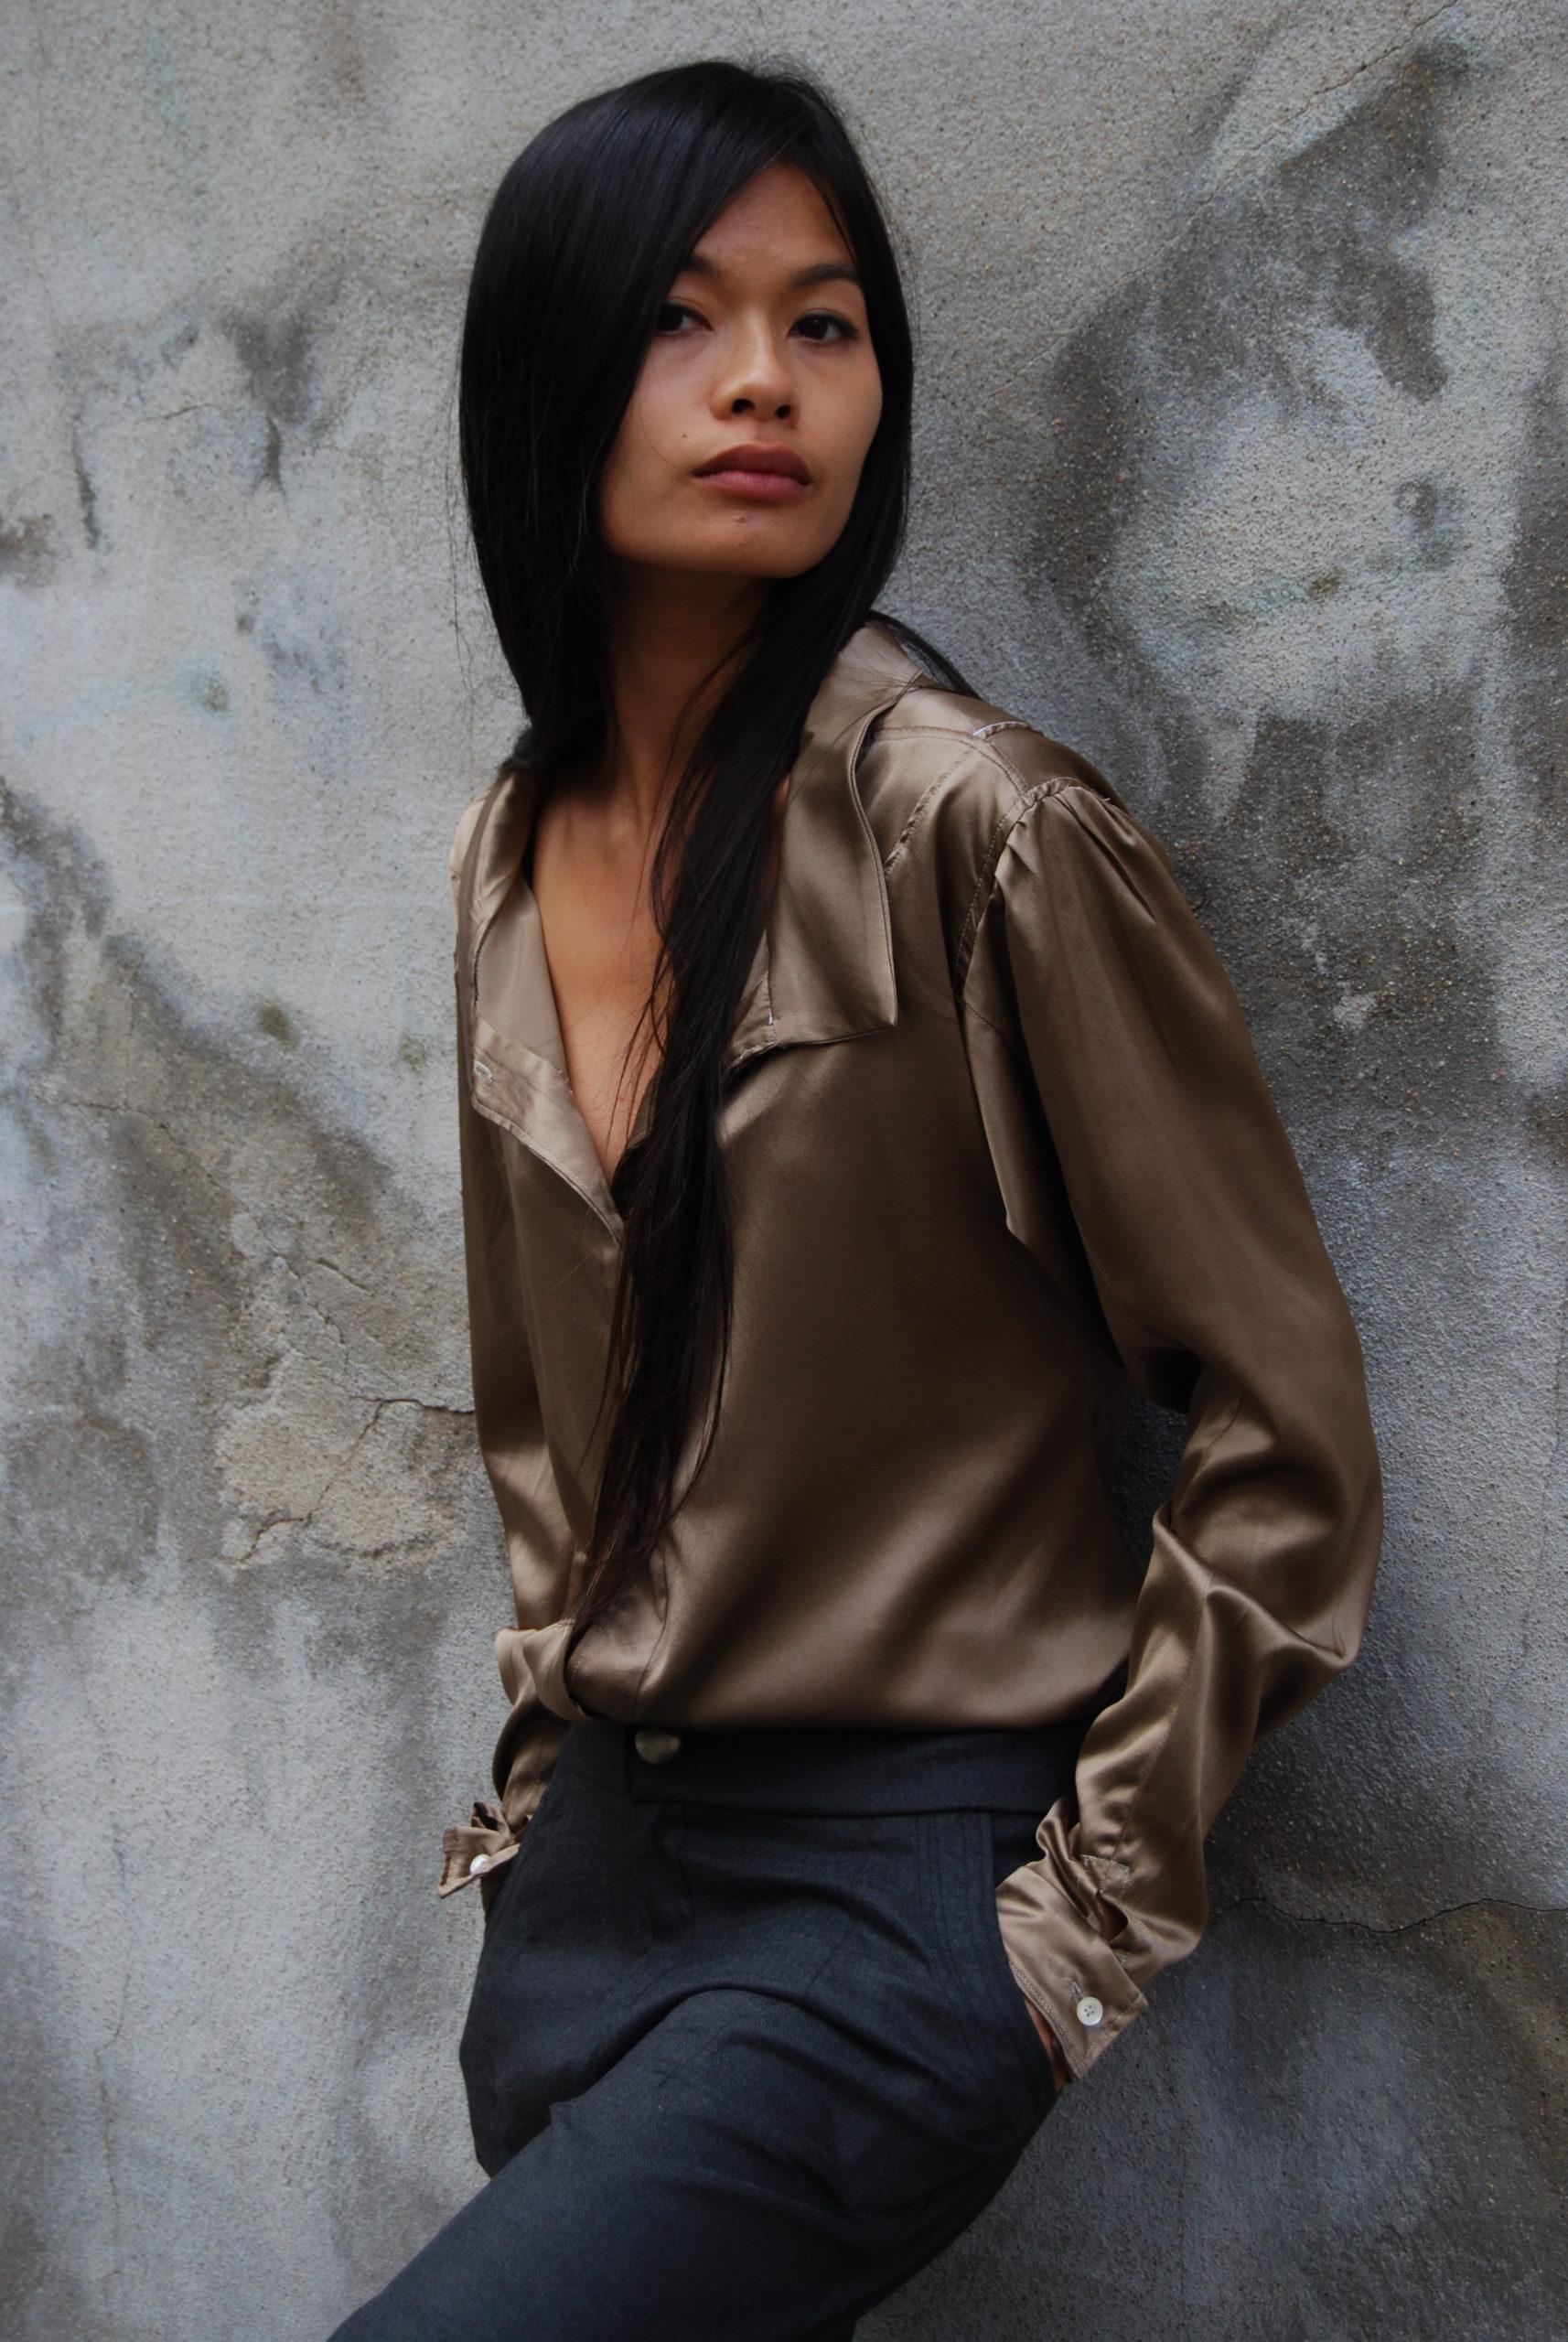 Julie Bonnard - Chemise en soie marron glacée et pantalon en sergé gris